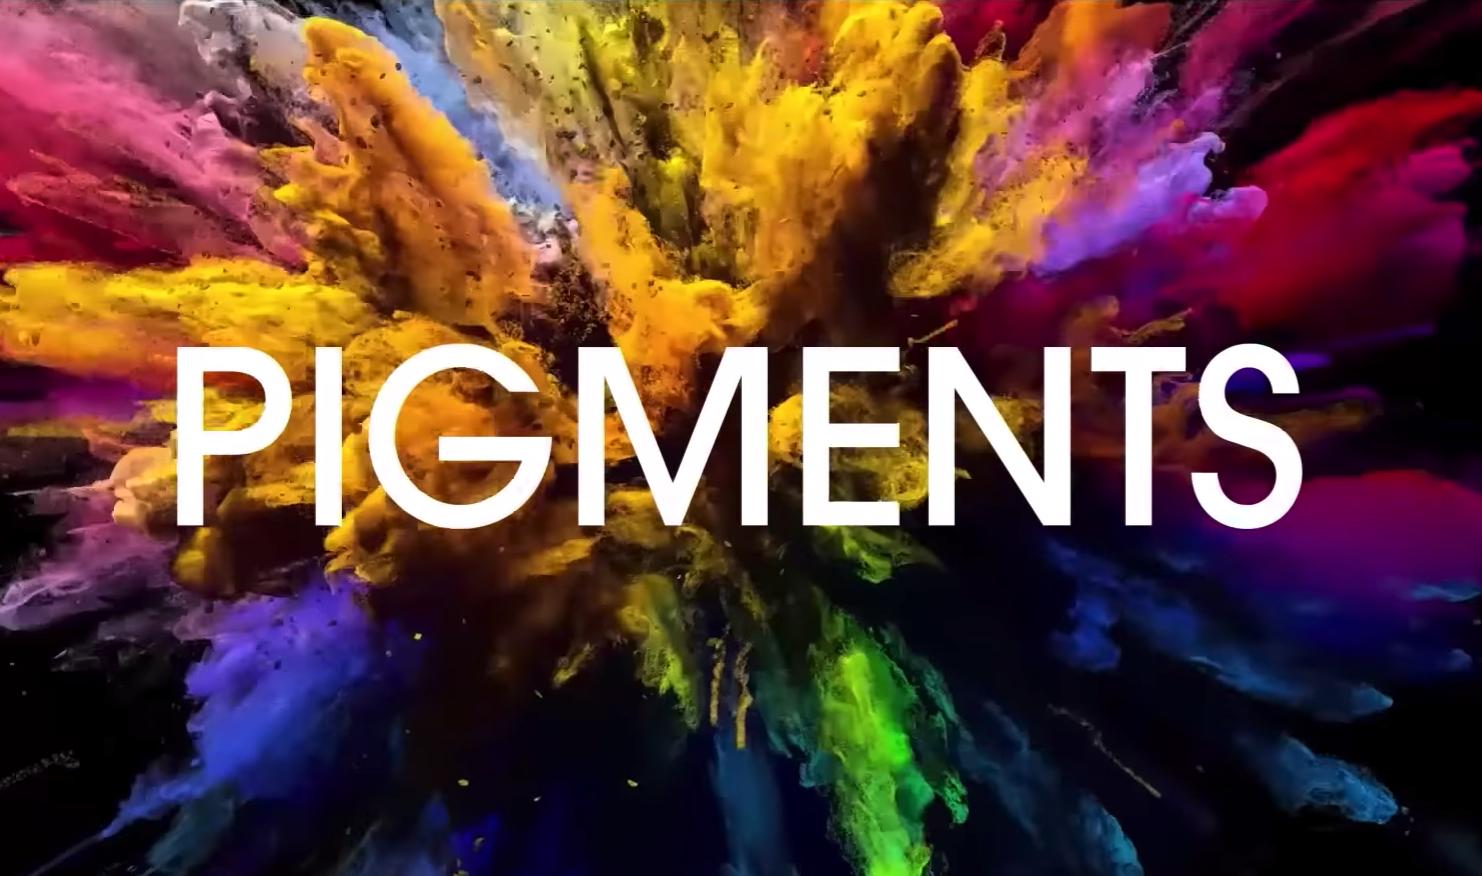 Arturia stellt neuen Wavetable-Synthesizer 'Pigments' vor